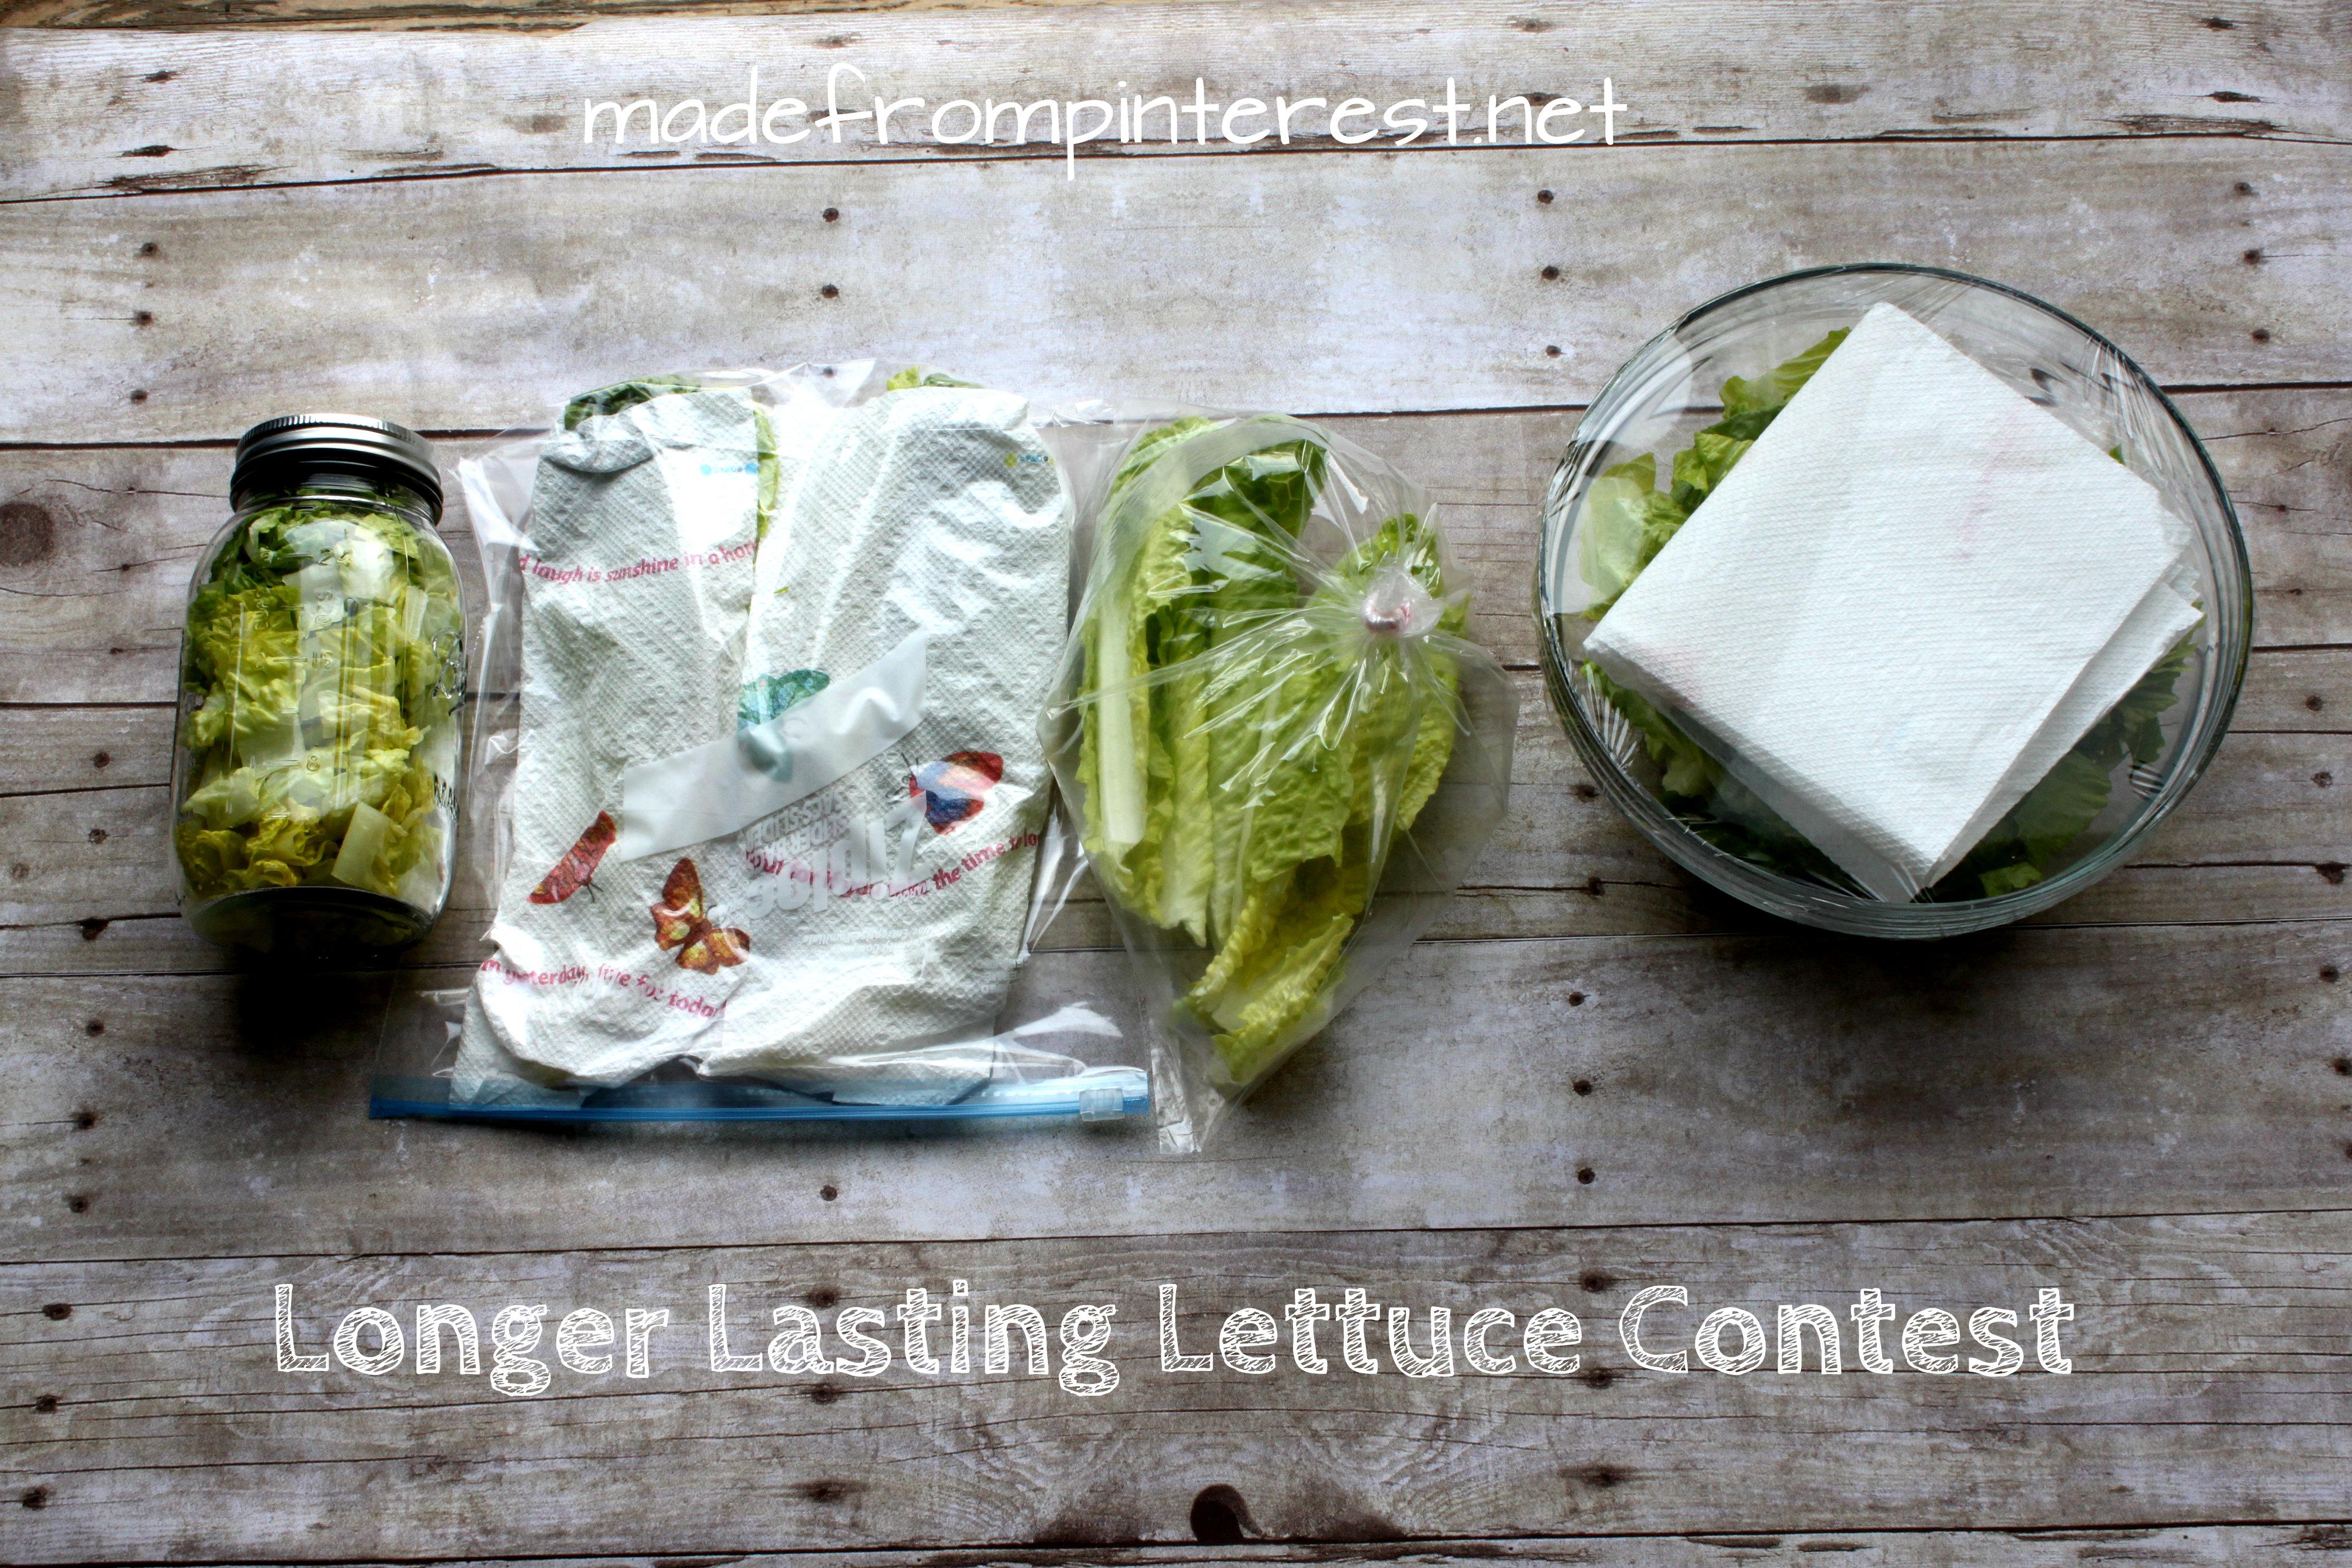 Longer Lasting Lettuce Contest by madefrompinterest.net